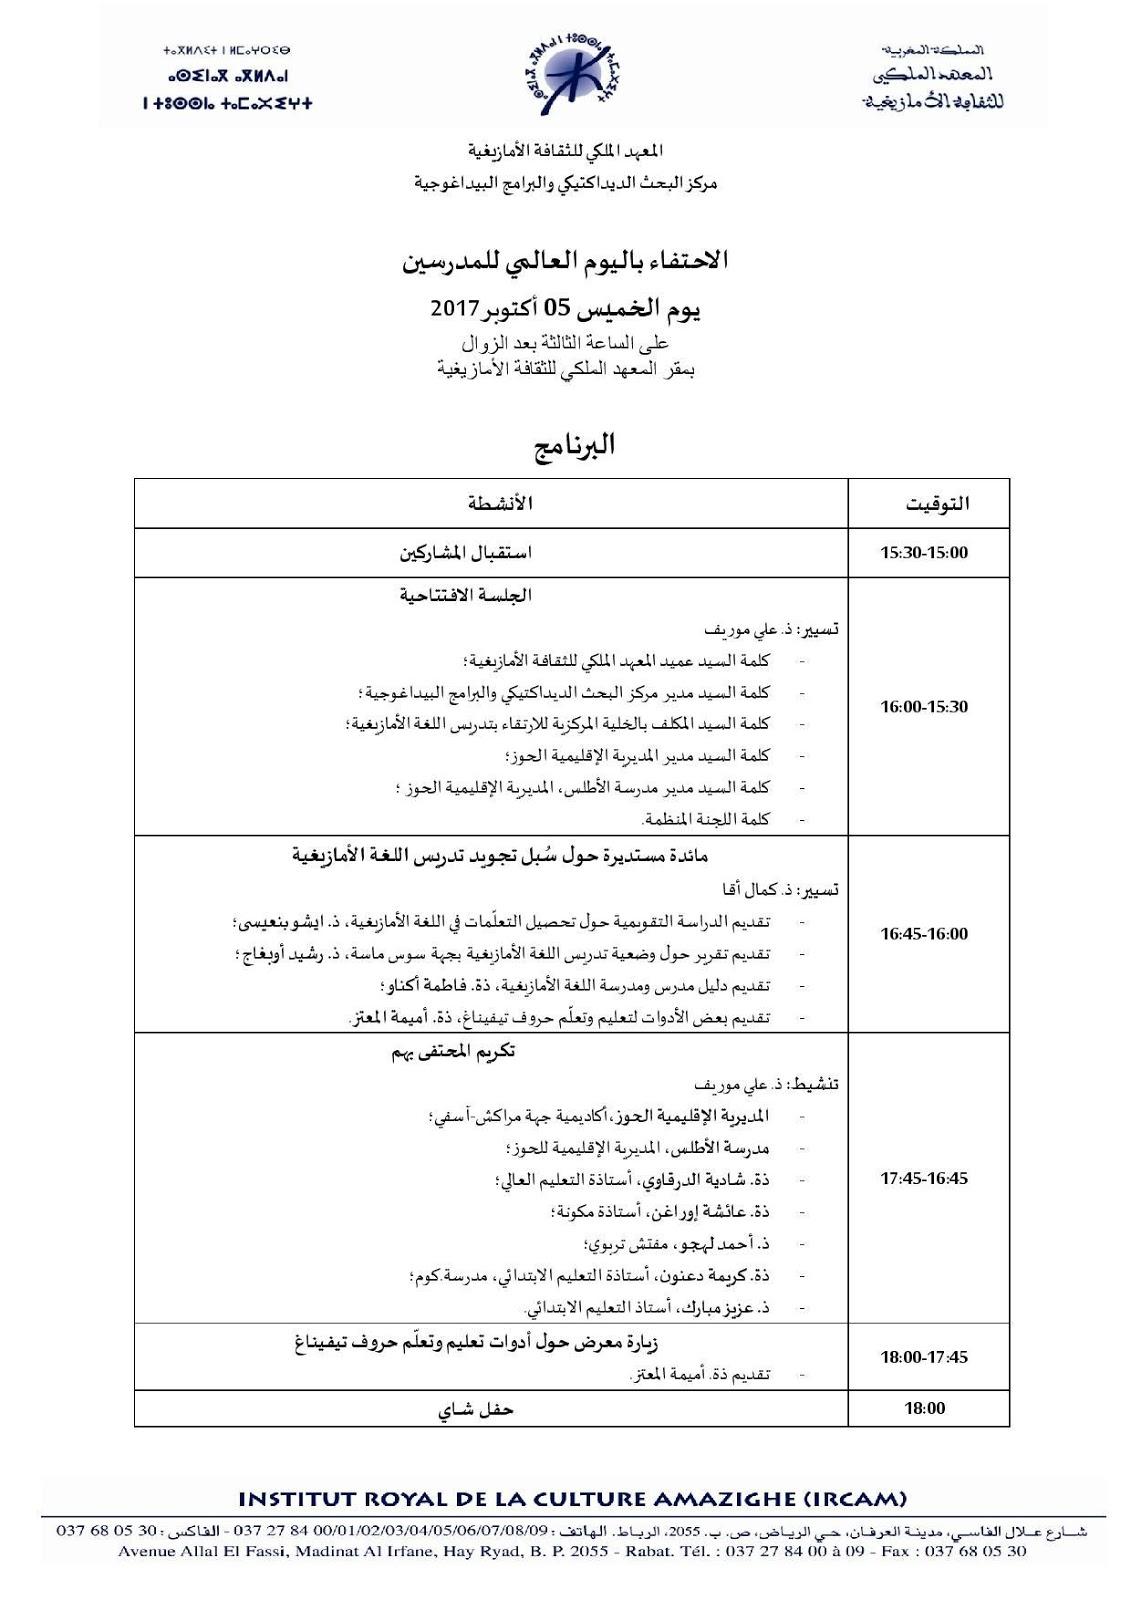 المعهد الملكي للثقافة الأمازيغية يحتفل باليوم العالمي للمدرسين